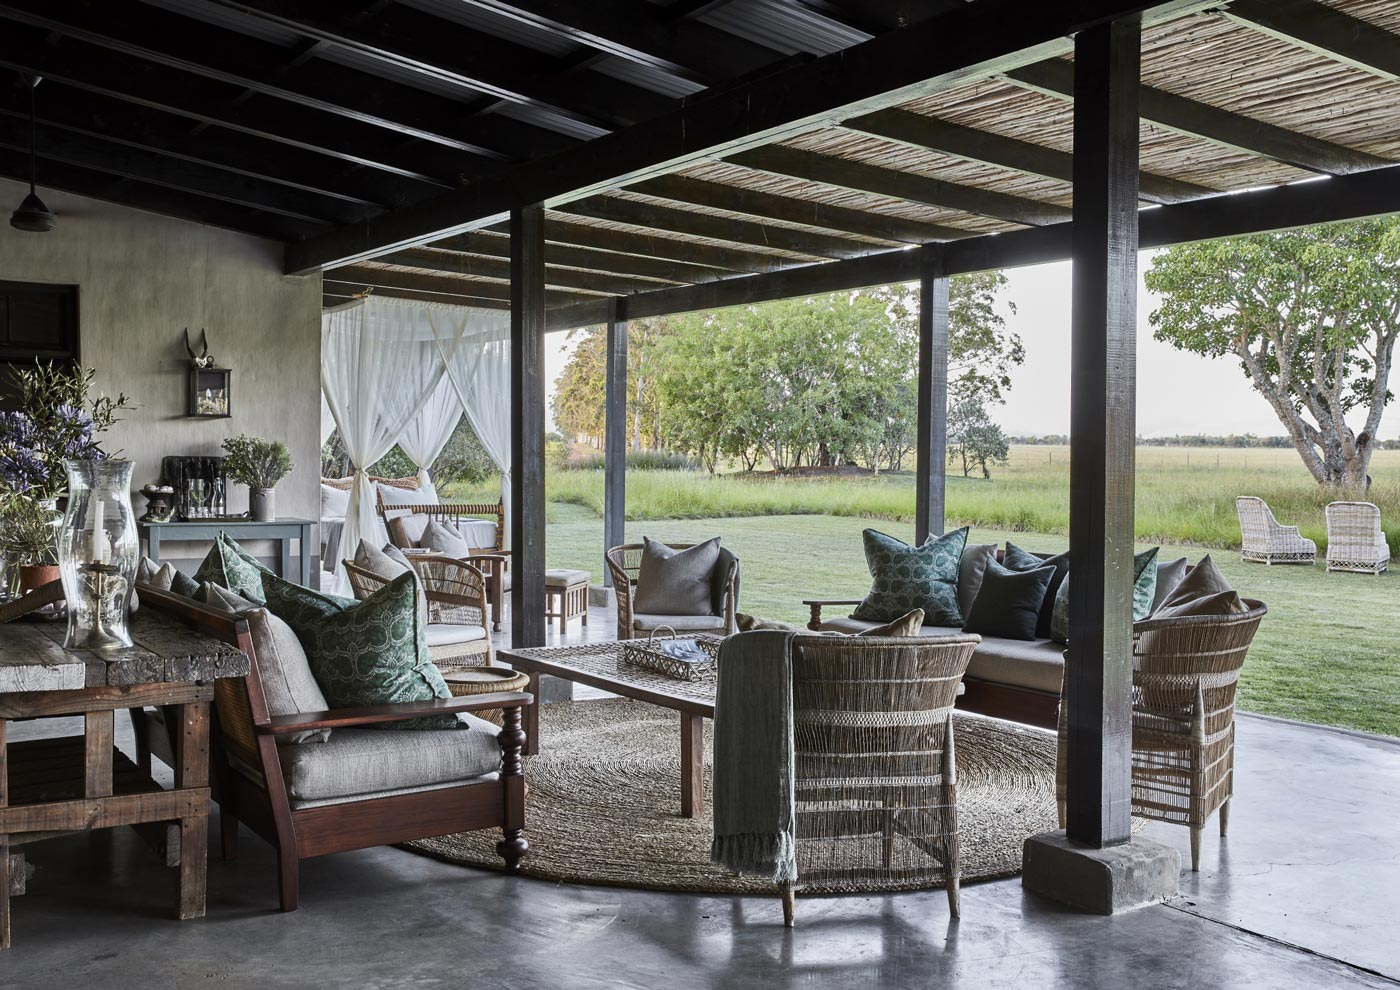 A Southafrican farmhouse by interior designer Gregory Mellor